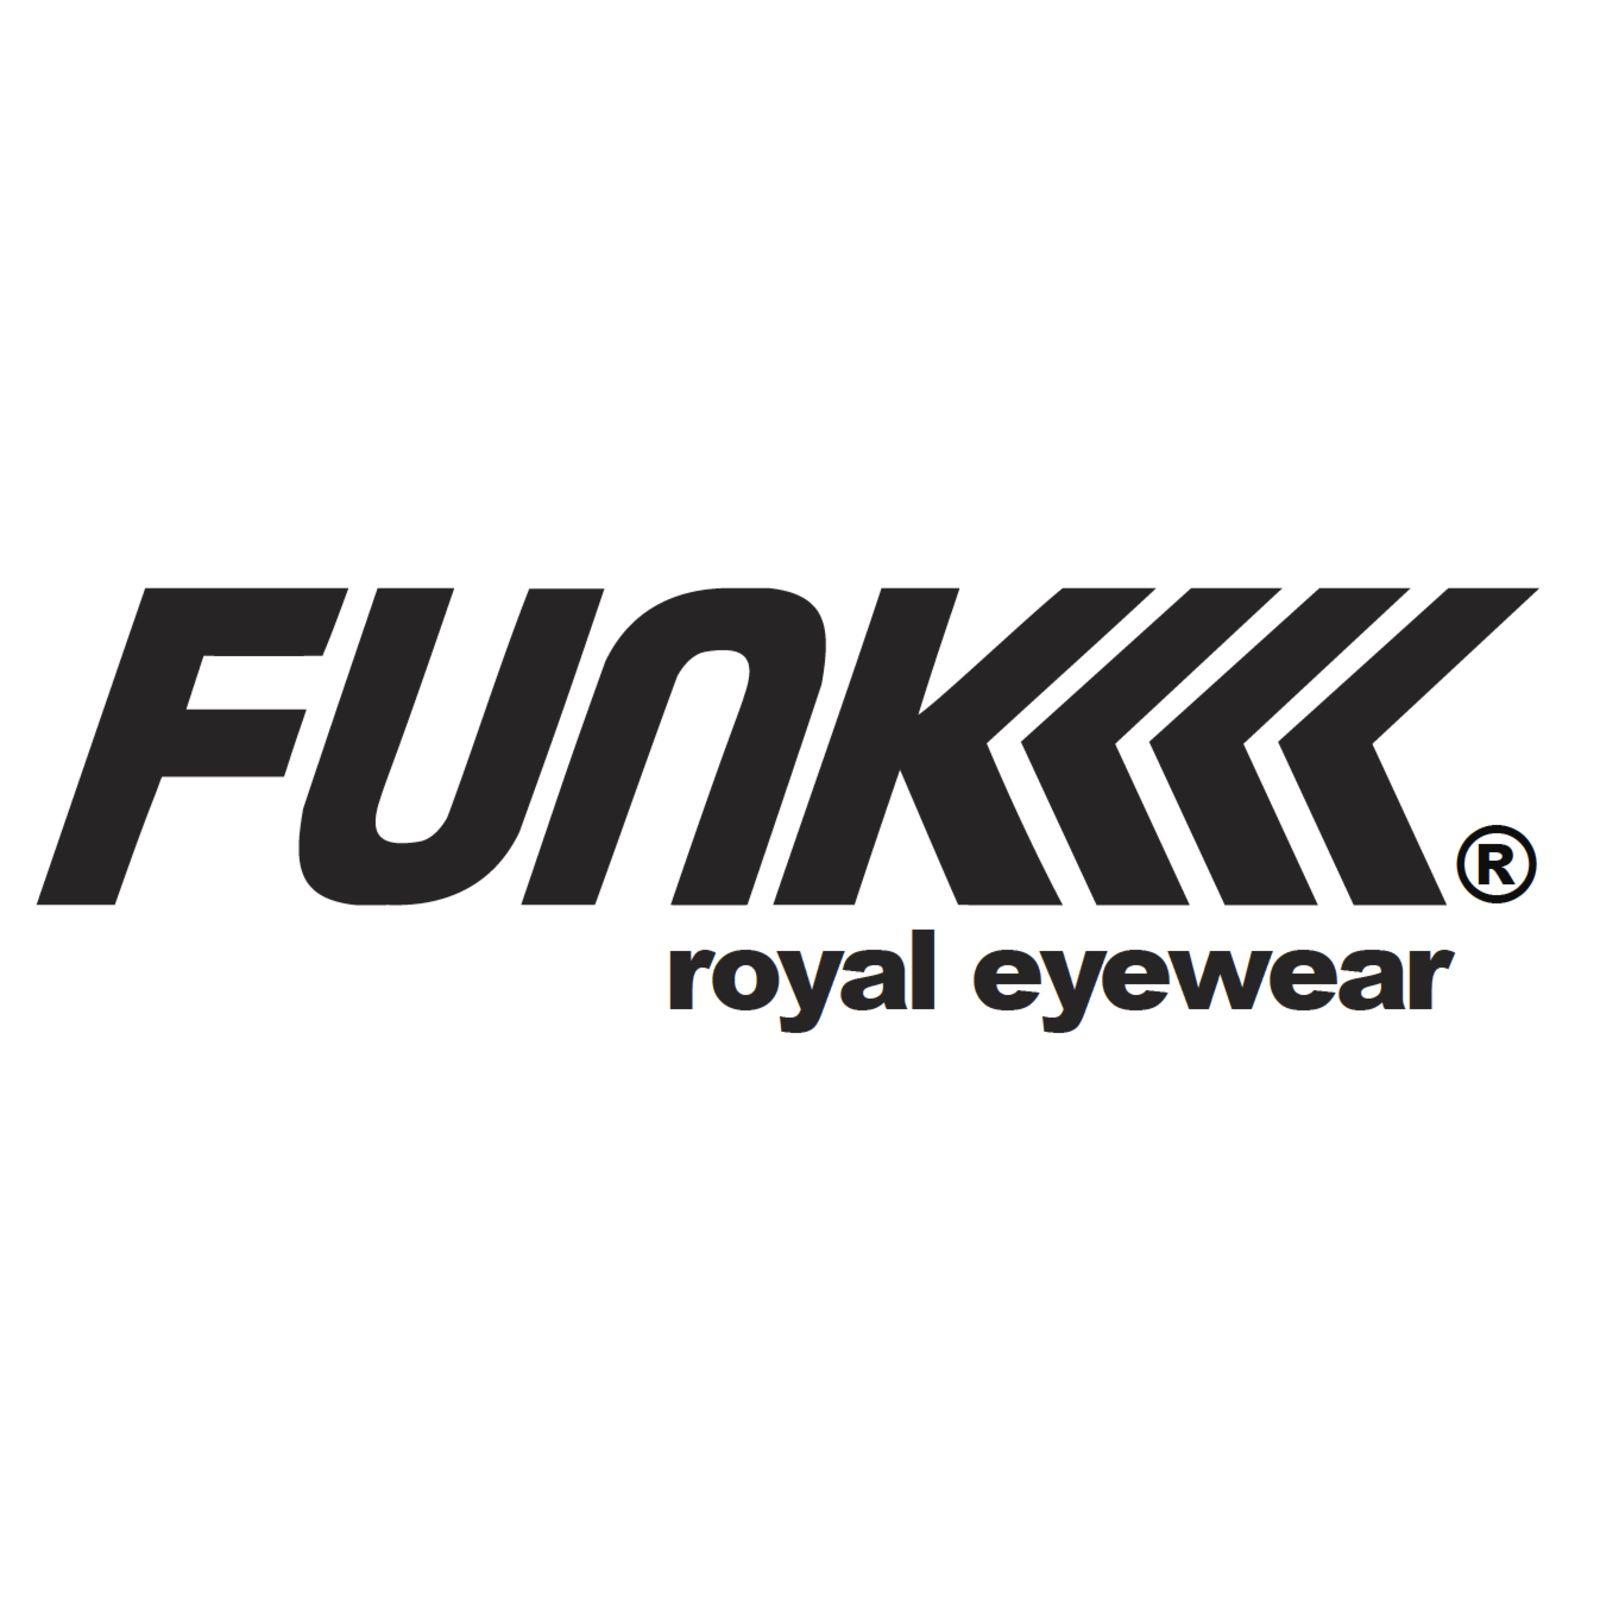 FUNK royal eywear